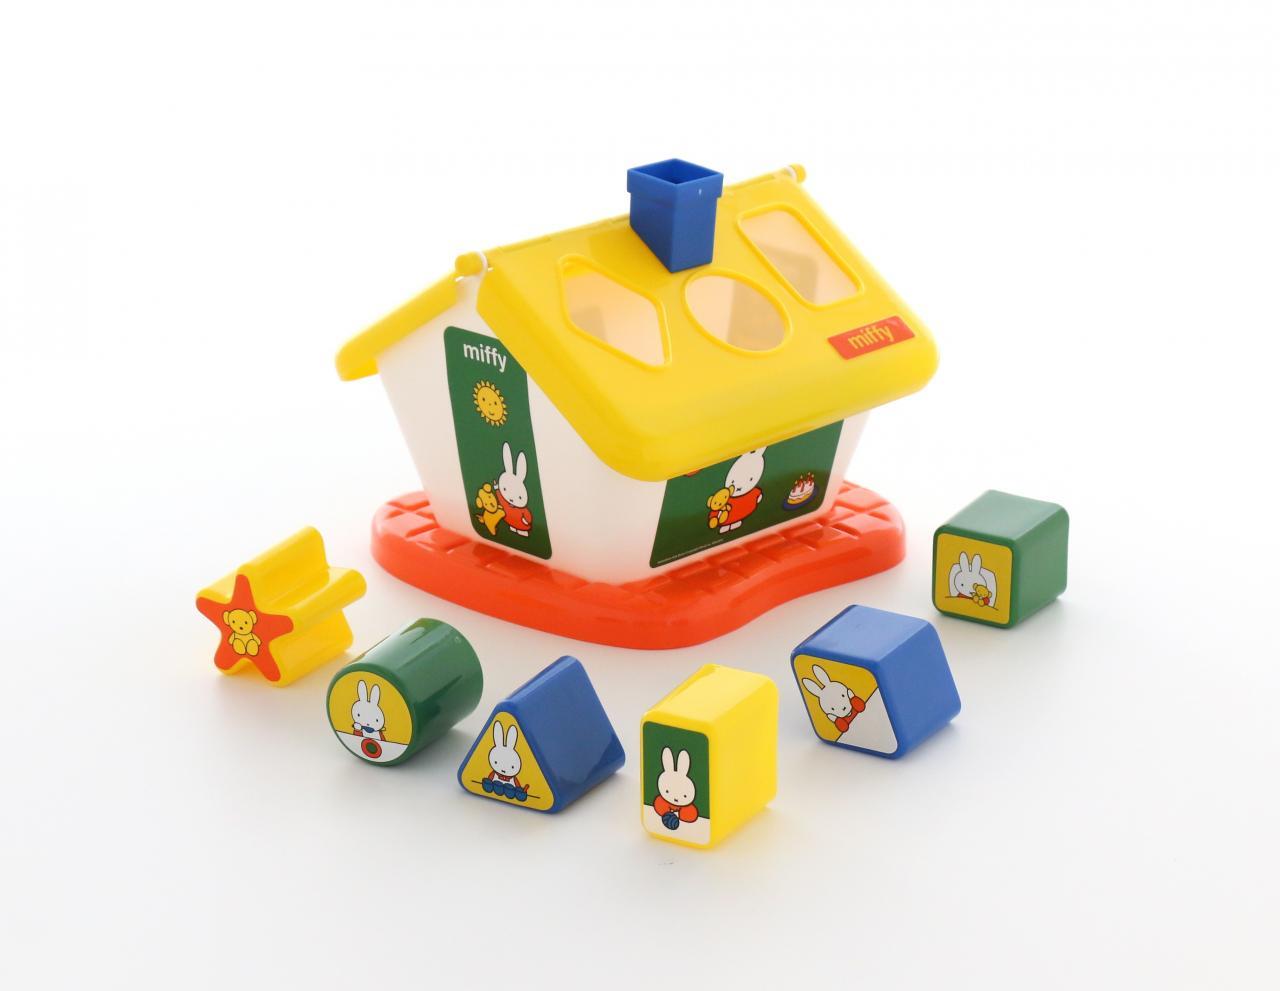 Купить Логический домик №1 – Миффи с 6 кубиками, Полесье